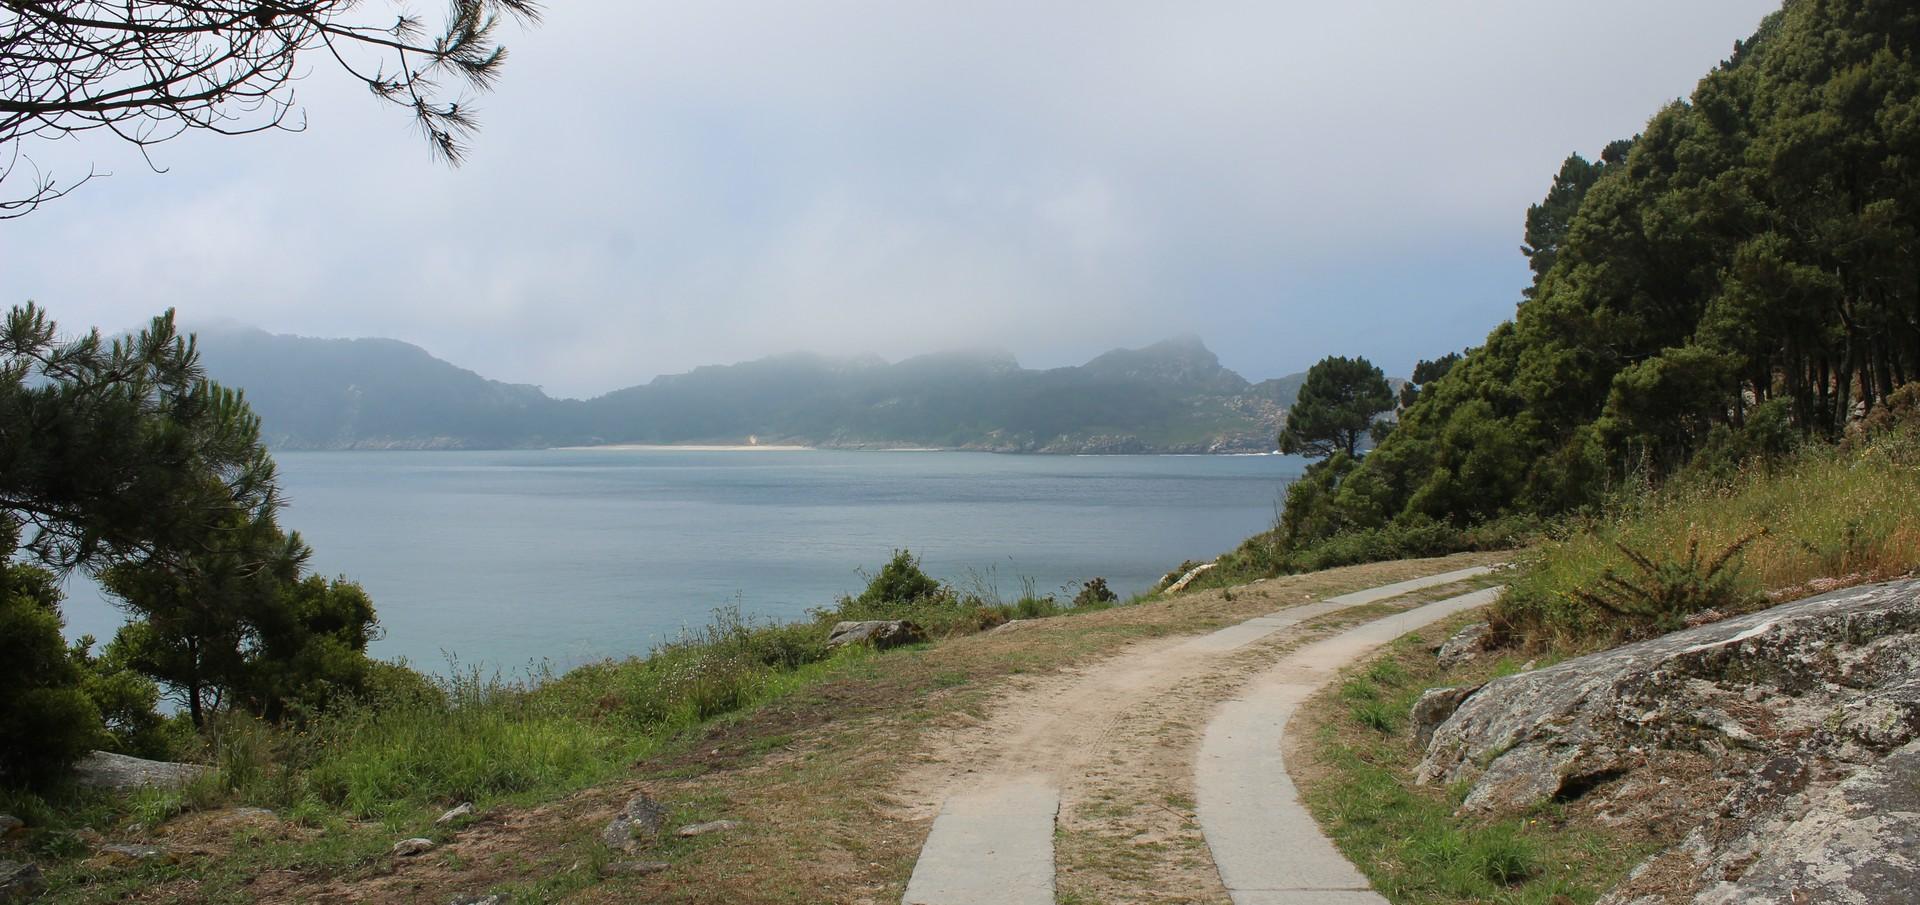 islas-ci-ruta-monte-faro-1110682228dc95f